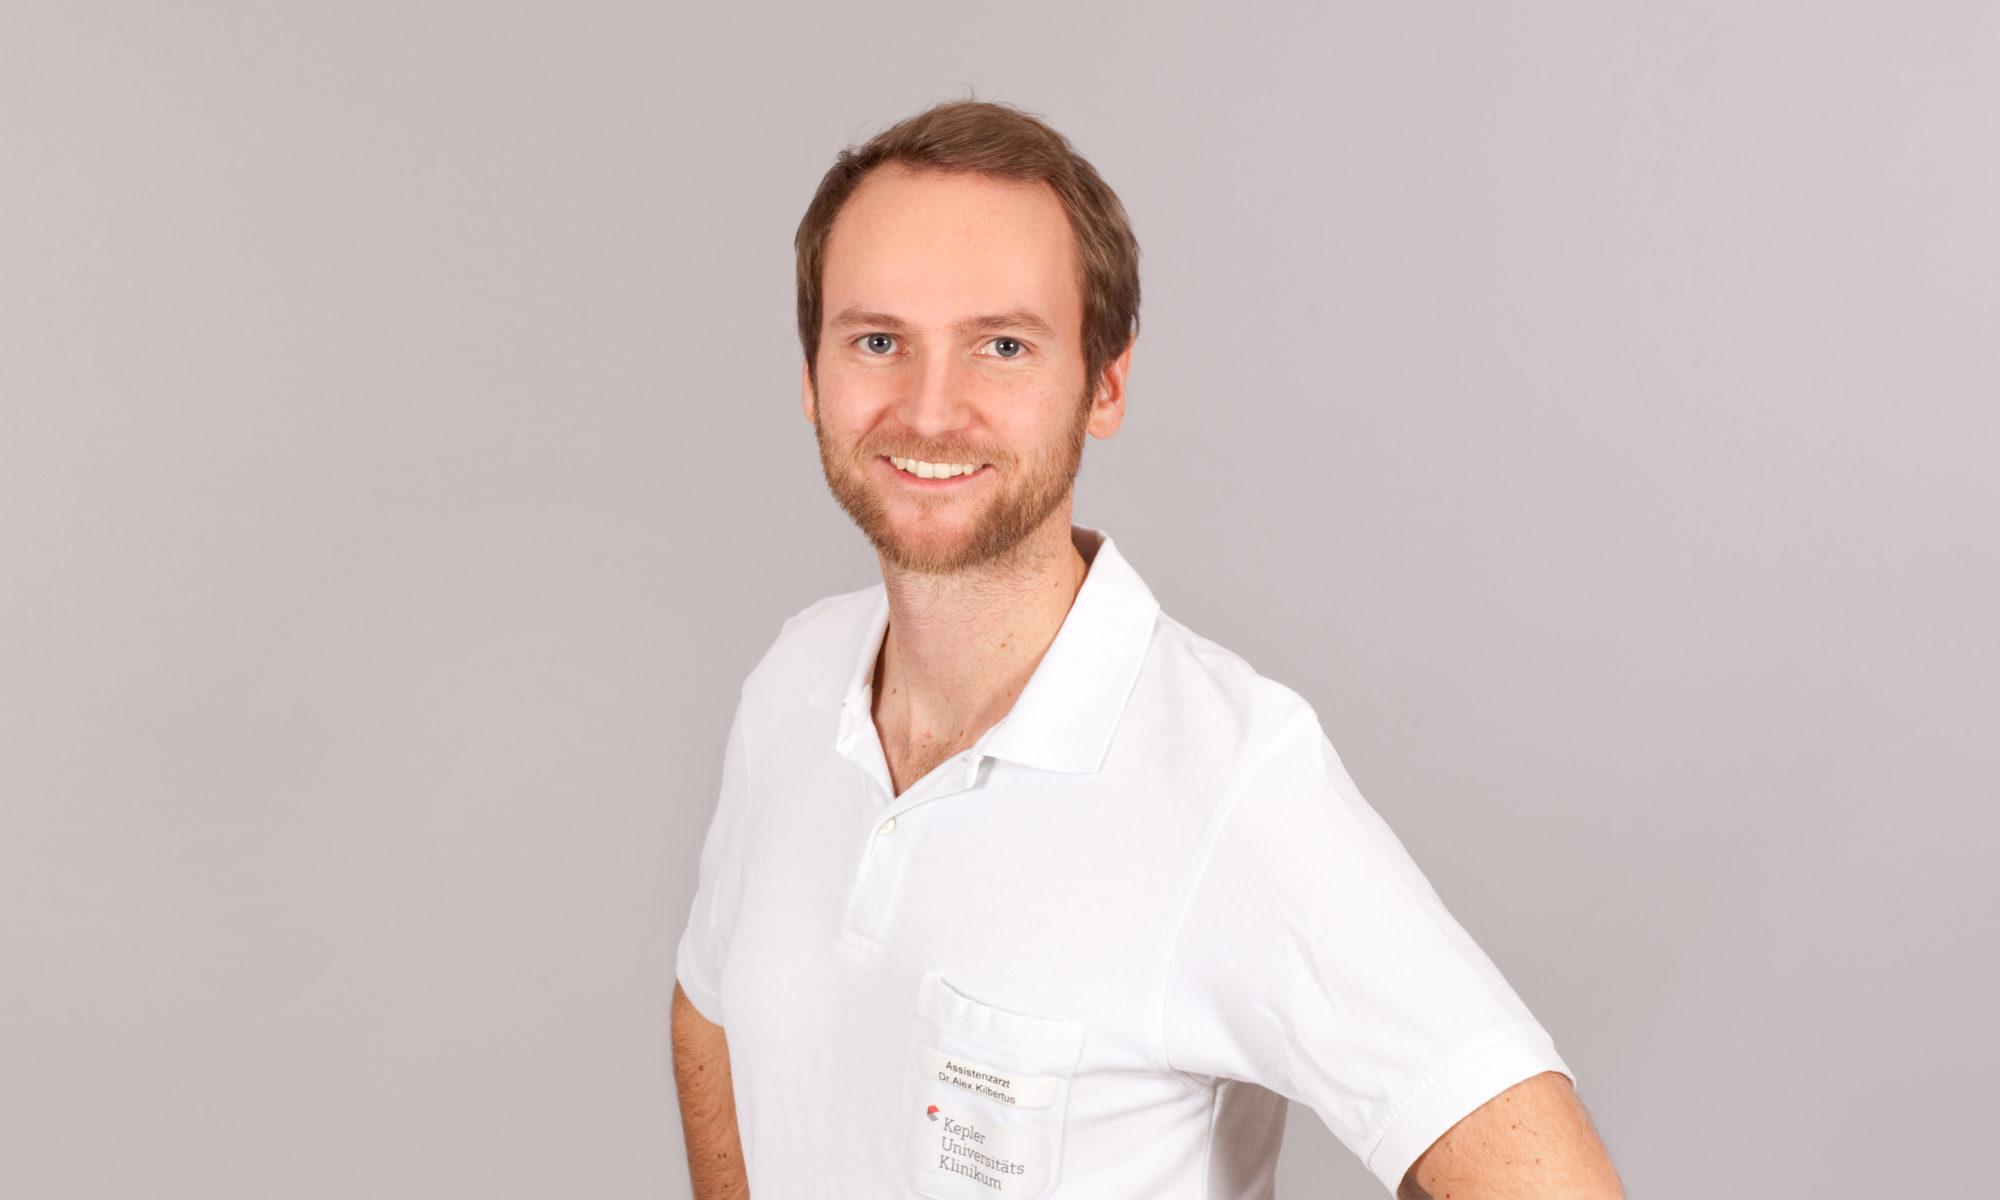 Dr. Alex Jakob Kilbertus